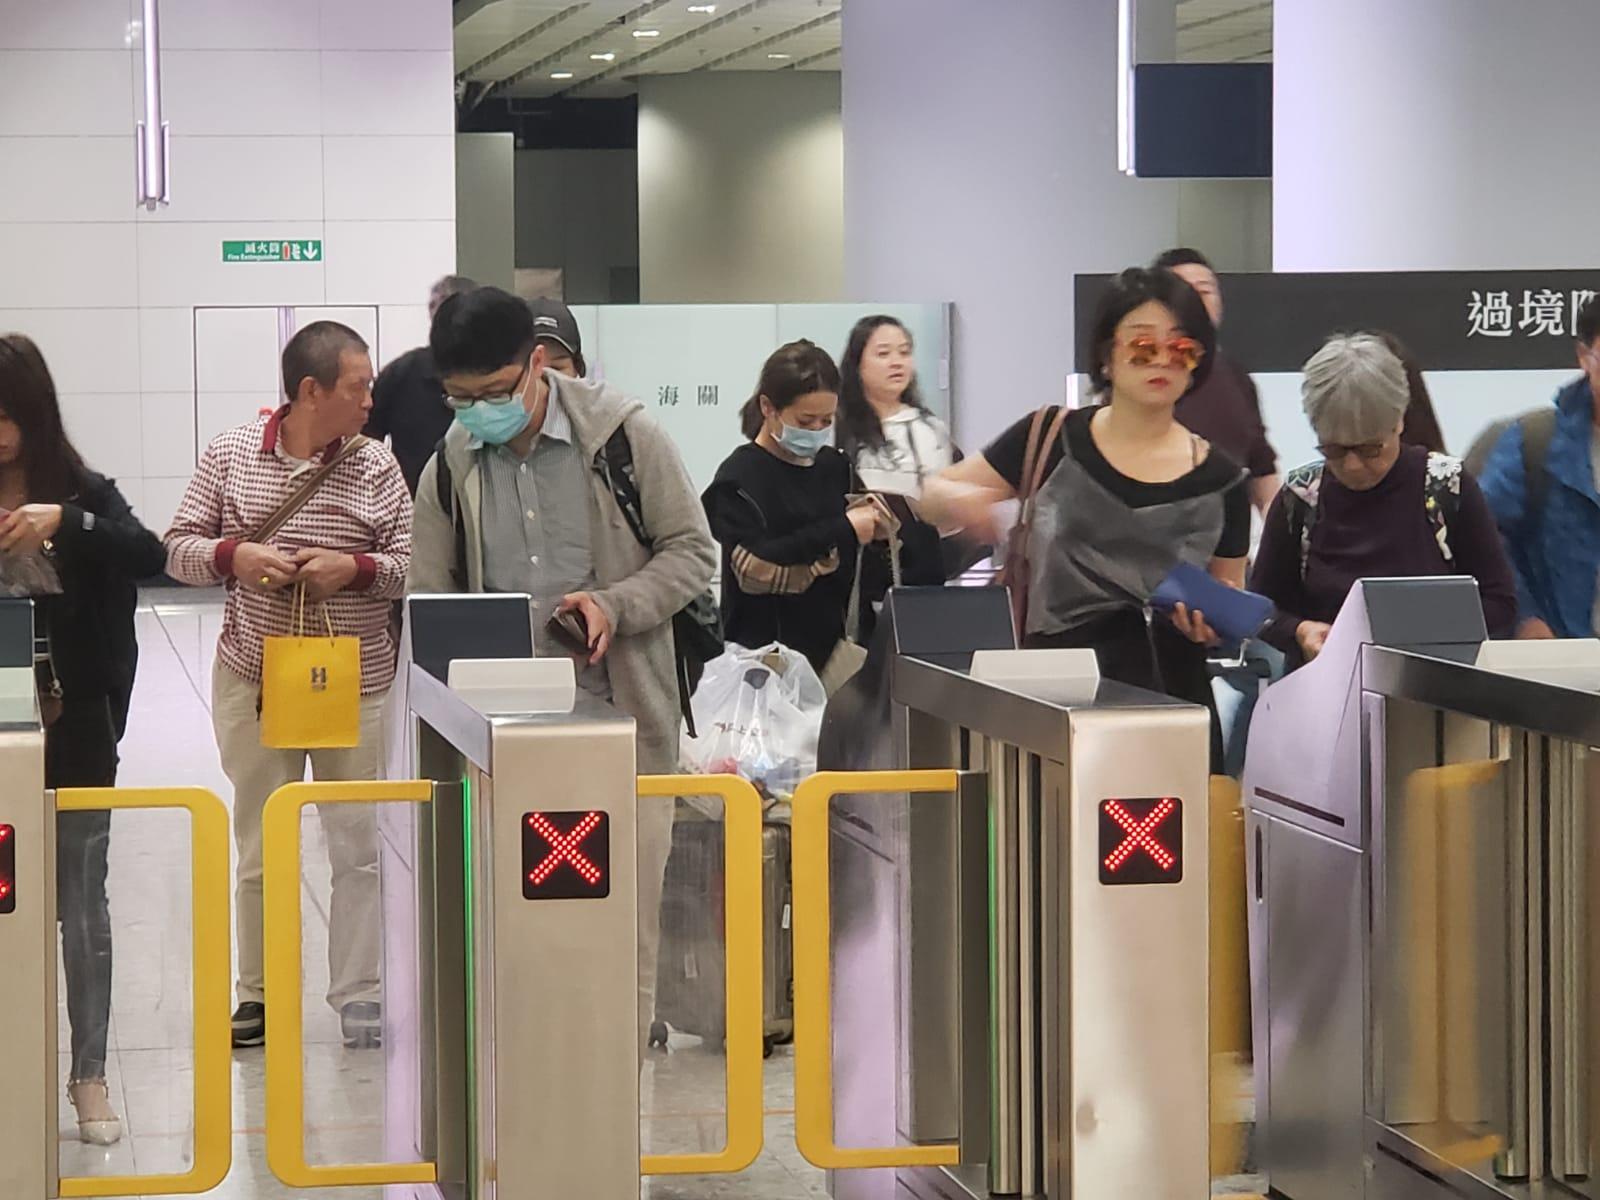 港铁公布今晚所有往广州南高铁车票售罄